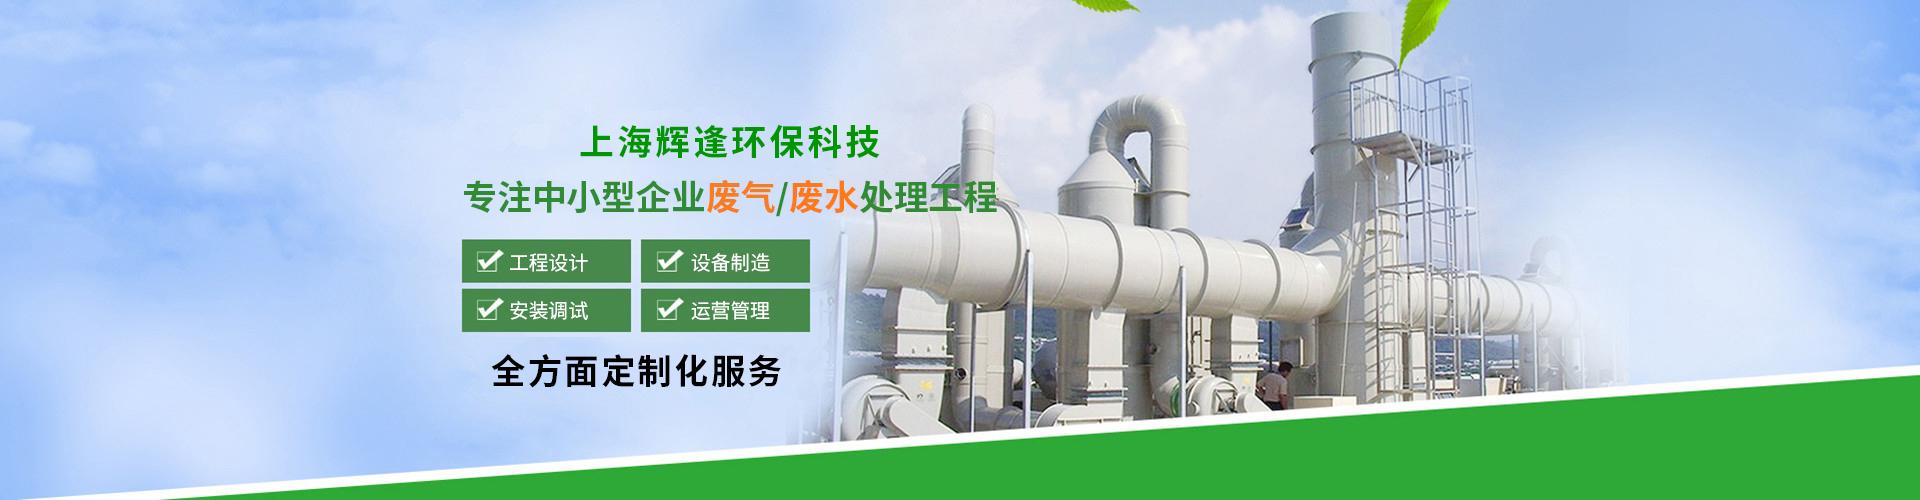 上海辉逢环保科技有限公司